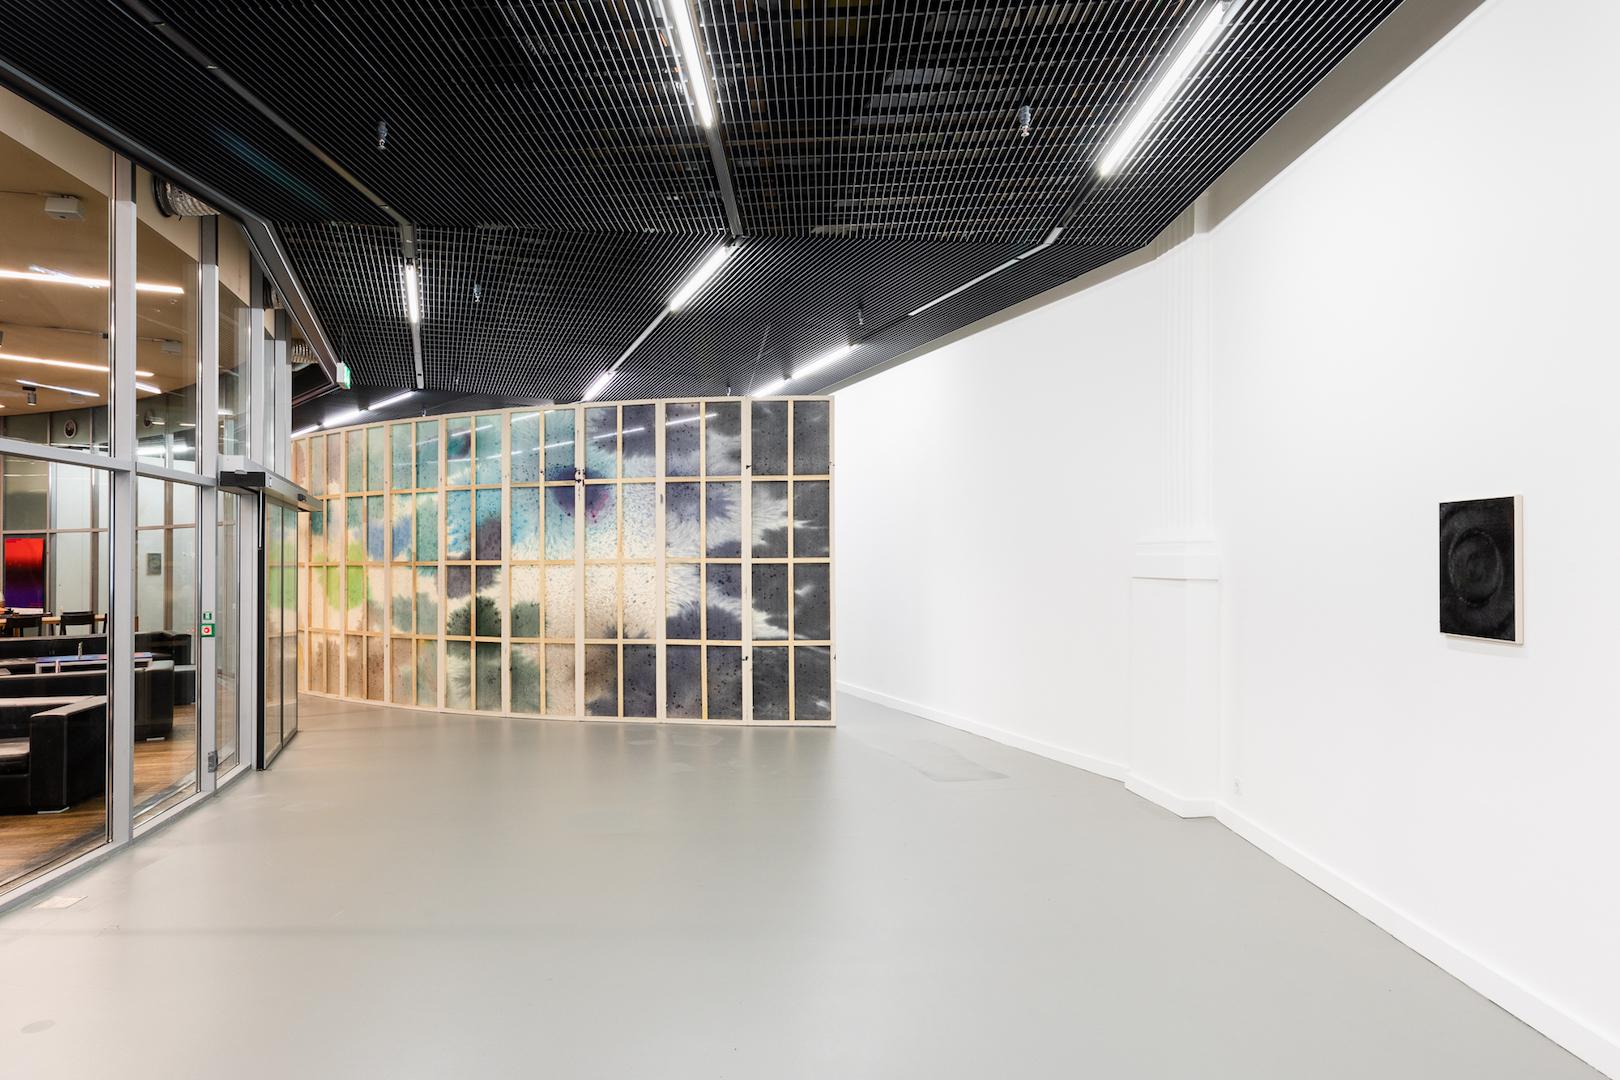 Einzelausstellung constant change von Giacomo Santiago Rogado  ©Kunsthalle Luzern